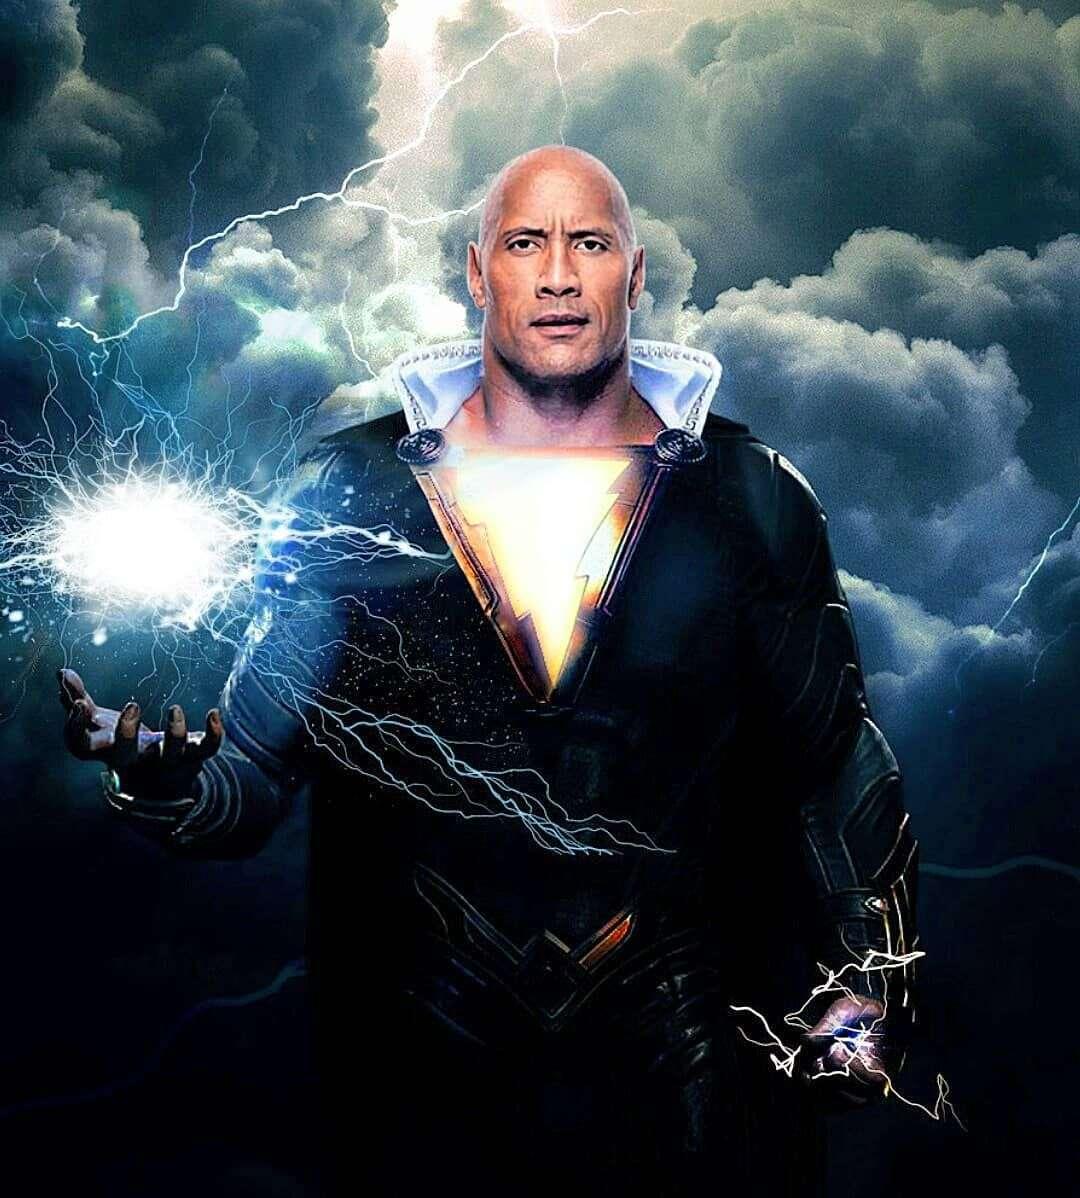 कभी डब्लूडब्लूई रेसलर था, अब सुपरविलेन बन सुपरमैन को देगा टक्कर